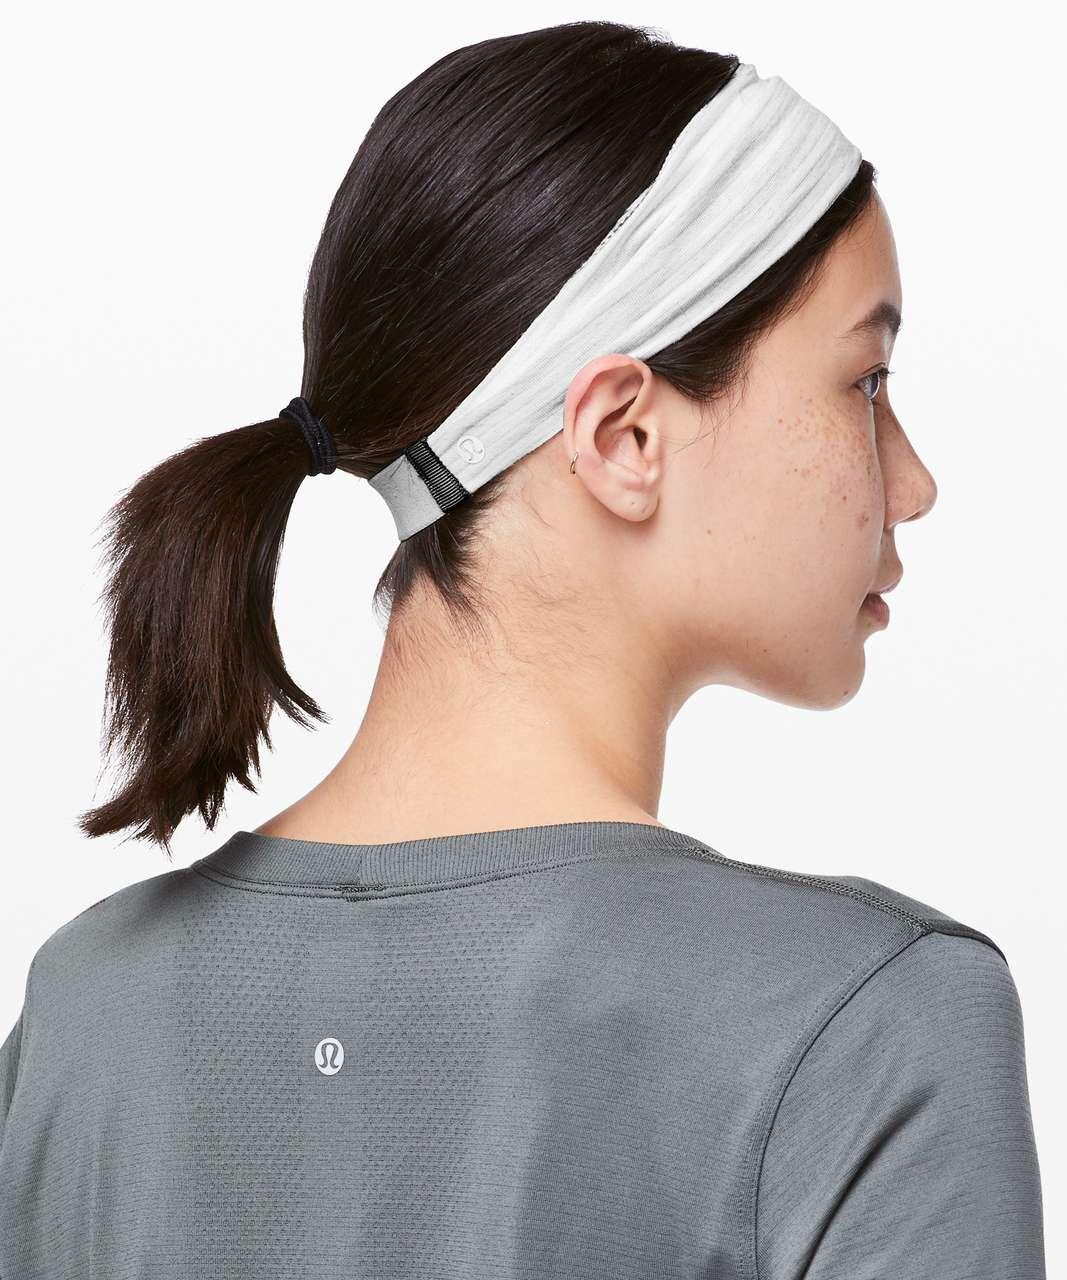 Lululemon Fringe Fighter Headband - Tiger Space Dye Black White / Heathered White